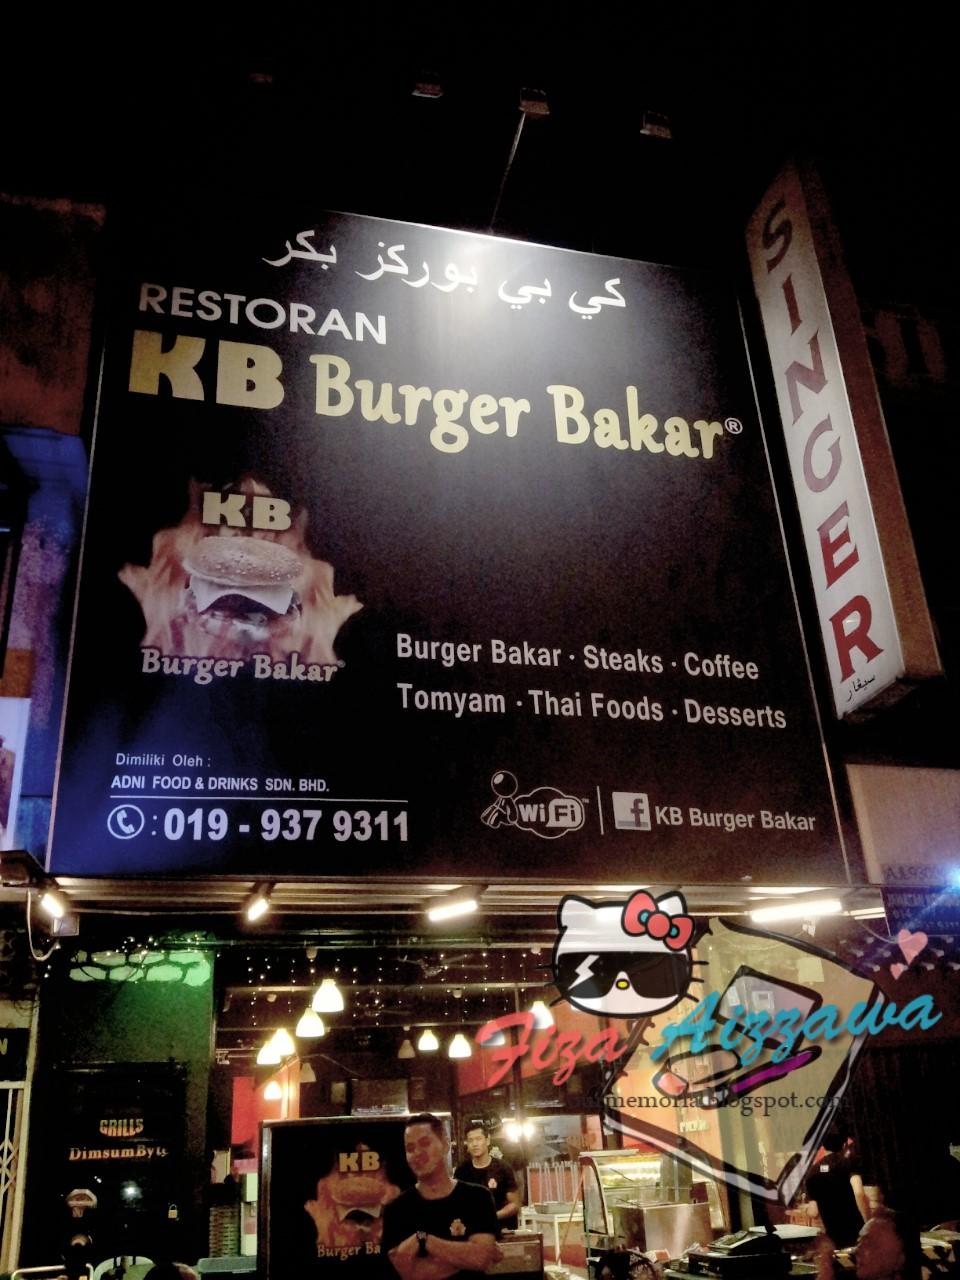 Lepas tu kami singgah makan di Restoran KB Burger Bakar. Memang ramai  sangat orang dan kami singgah pun time tu dah hampir jam 12 malam. d146b81dd1